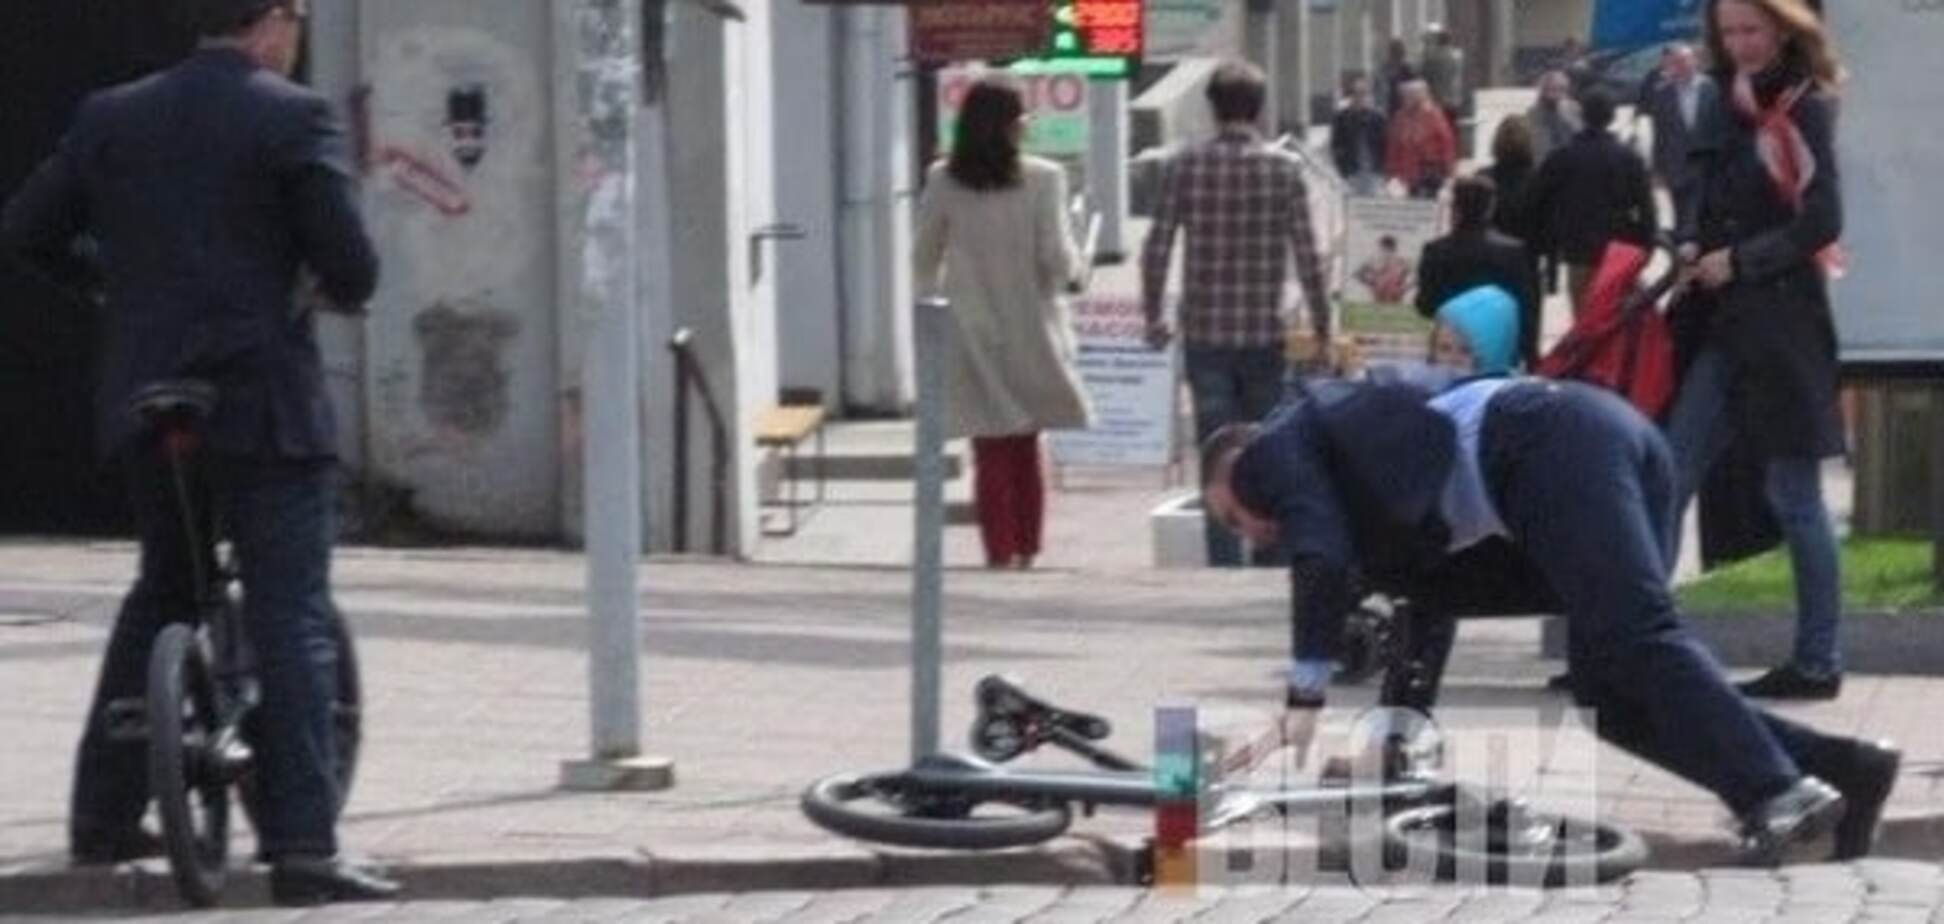 Кличко, коли їхав на роботу, гепнувся з велосипеда: фотофакт